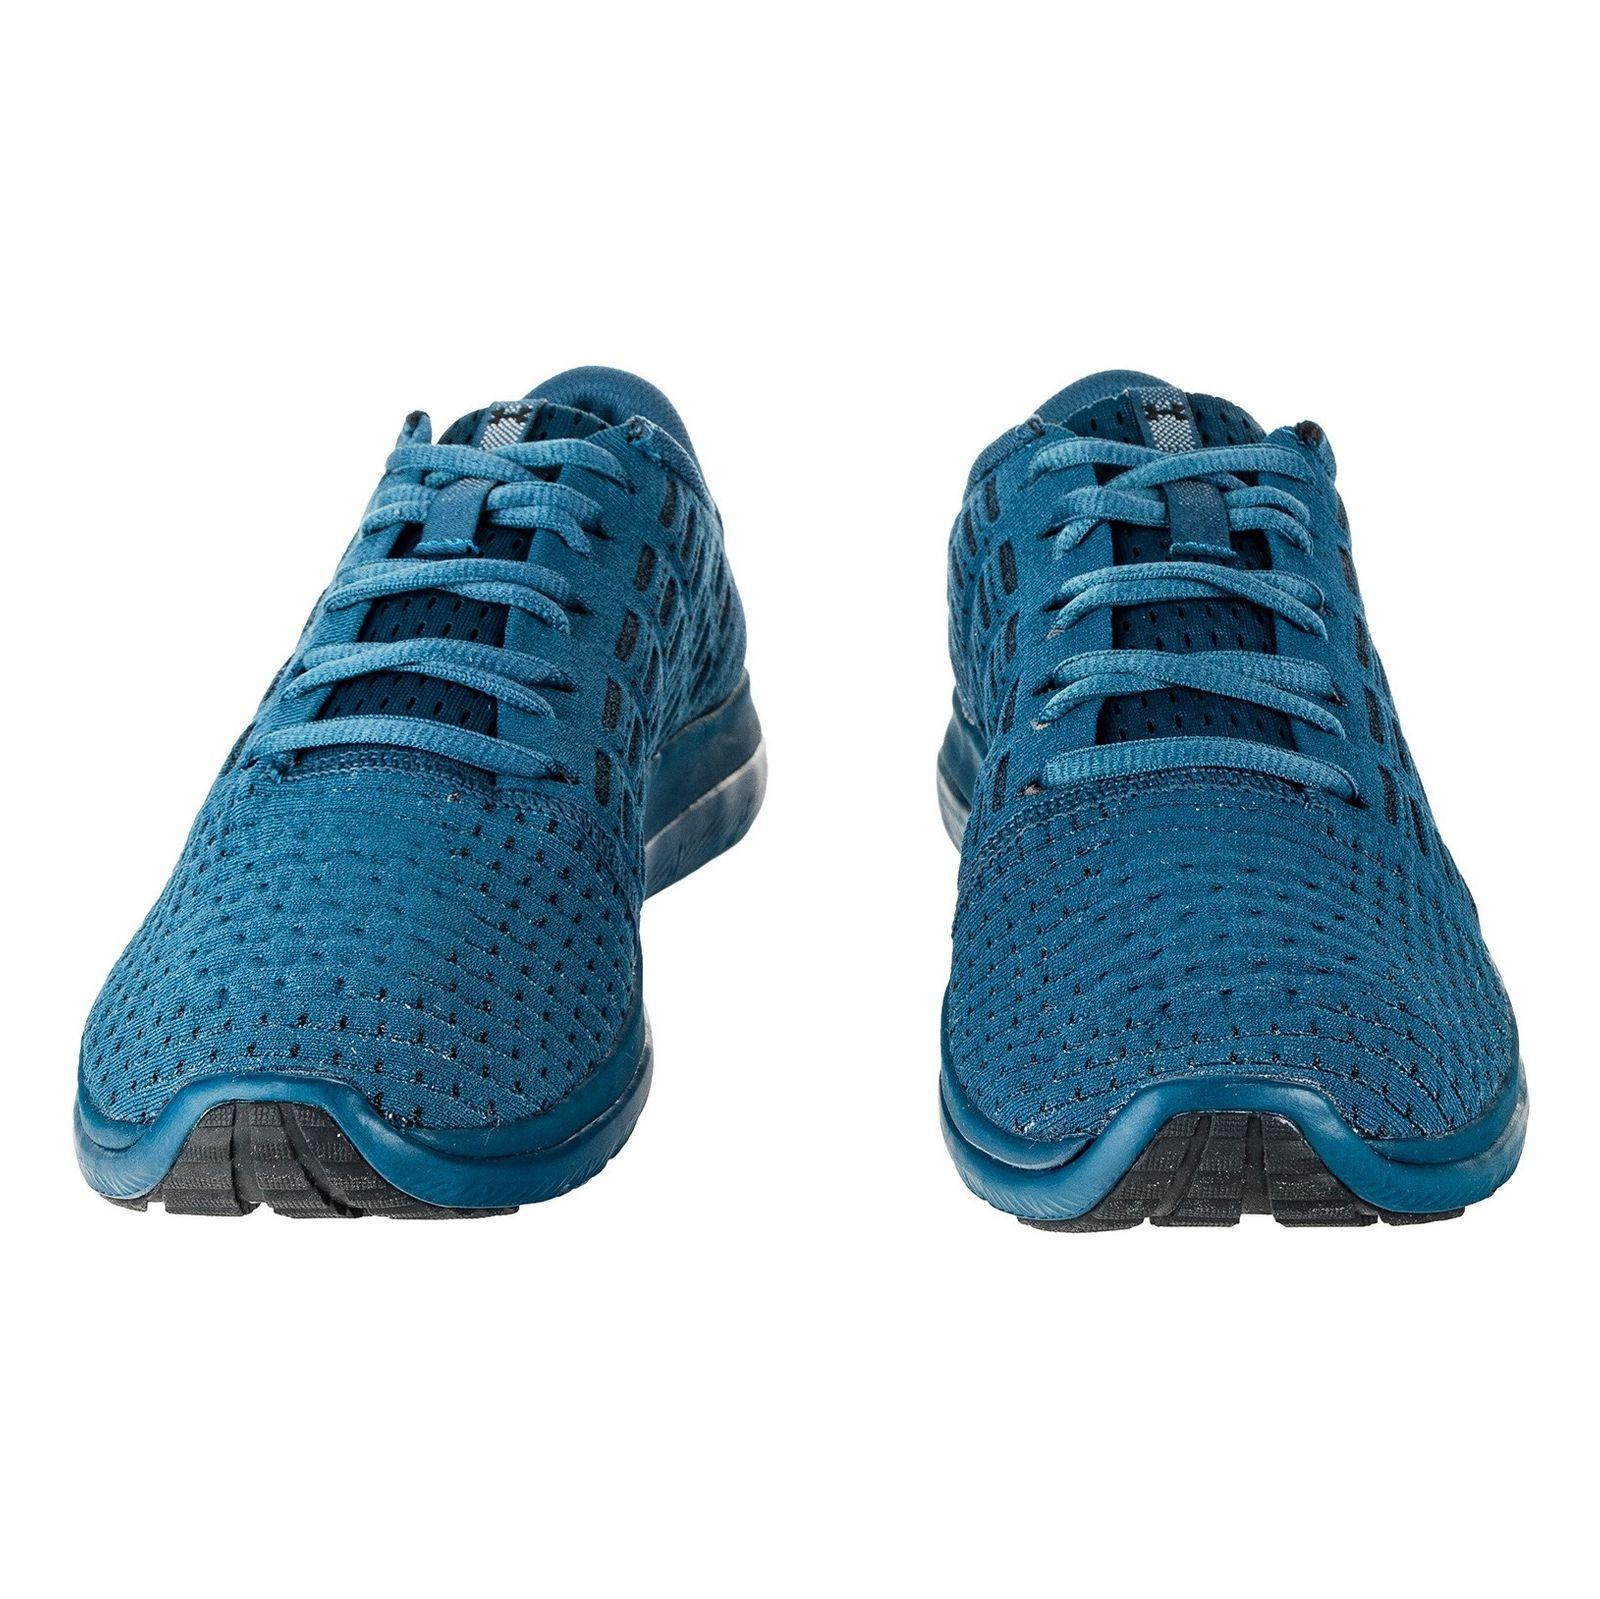 کفش دویدن بندی مردانه Threadborne Slingflex - آندر آرمور - آبي تيره - 4